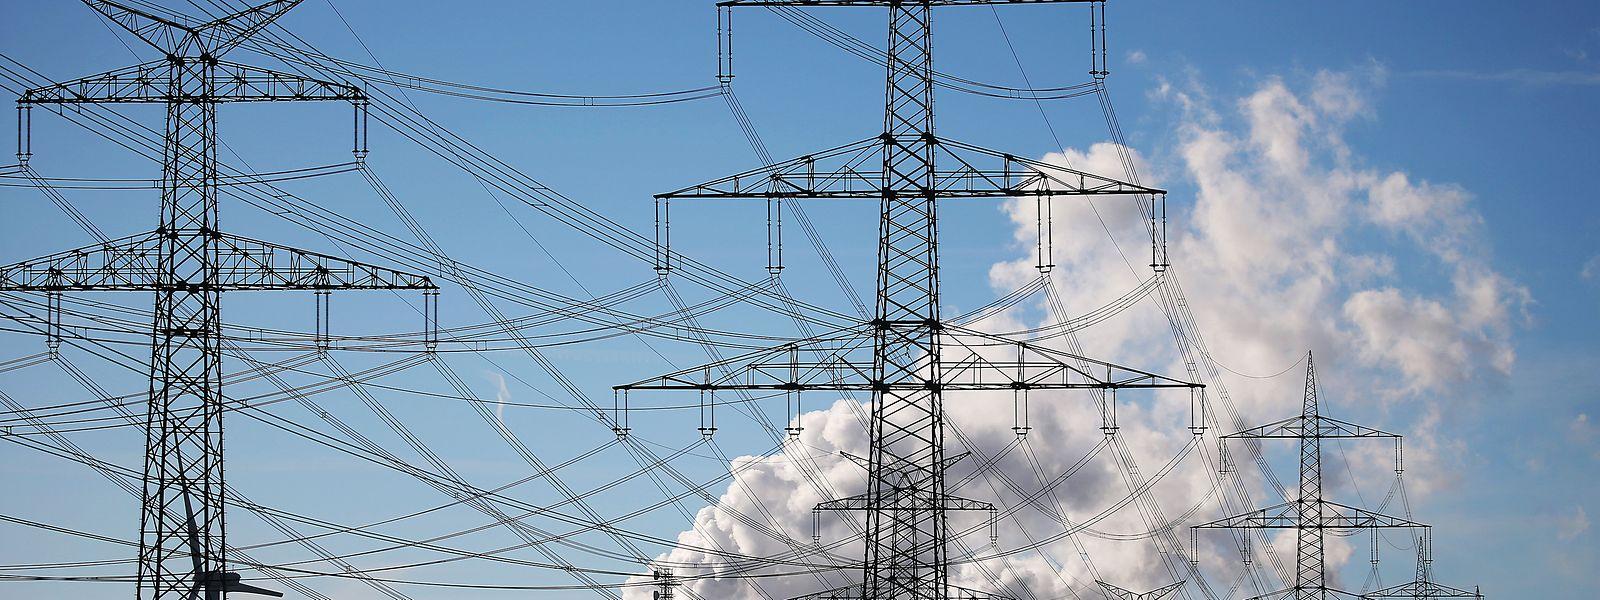 Noch ist Kohle für die Energieversorgung in Deutschland unersetzlich.